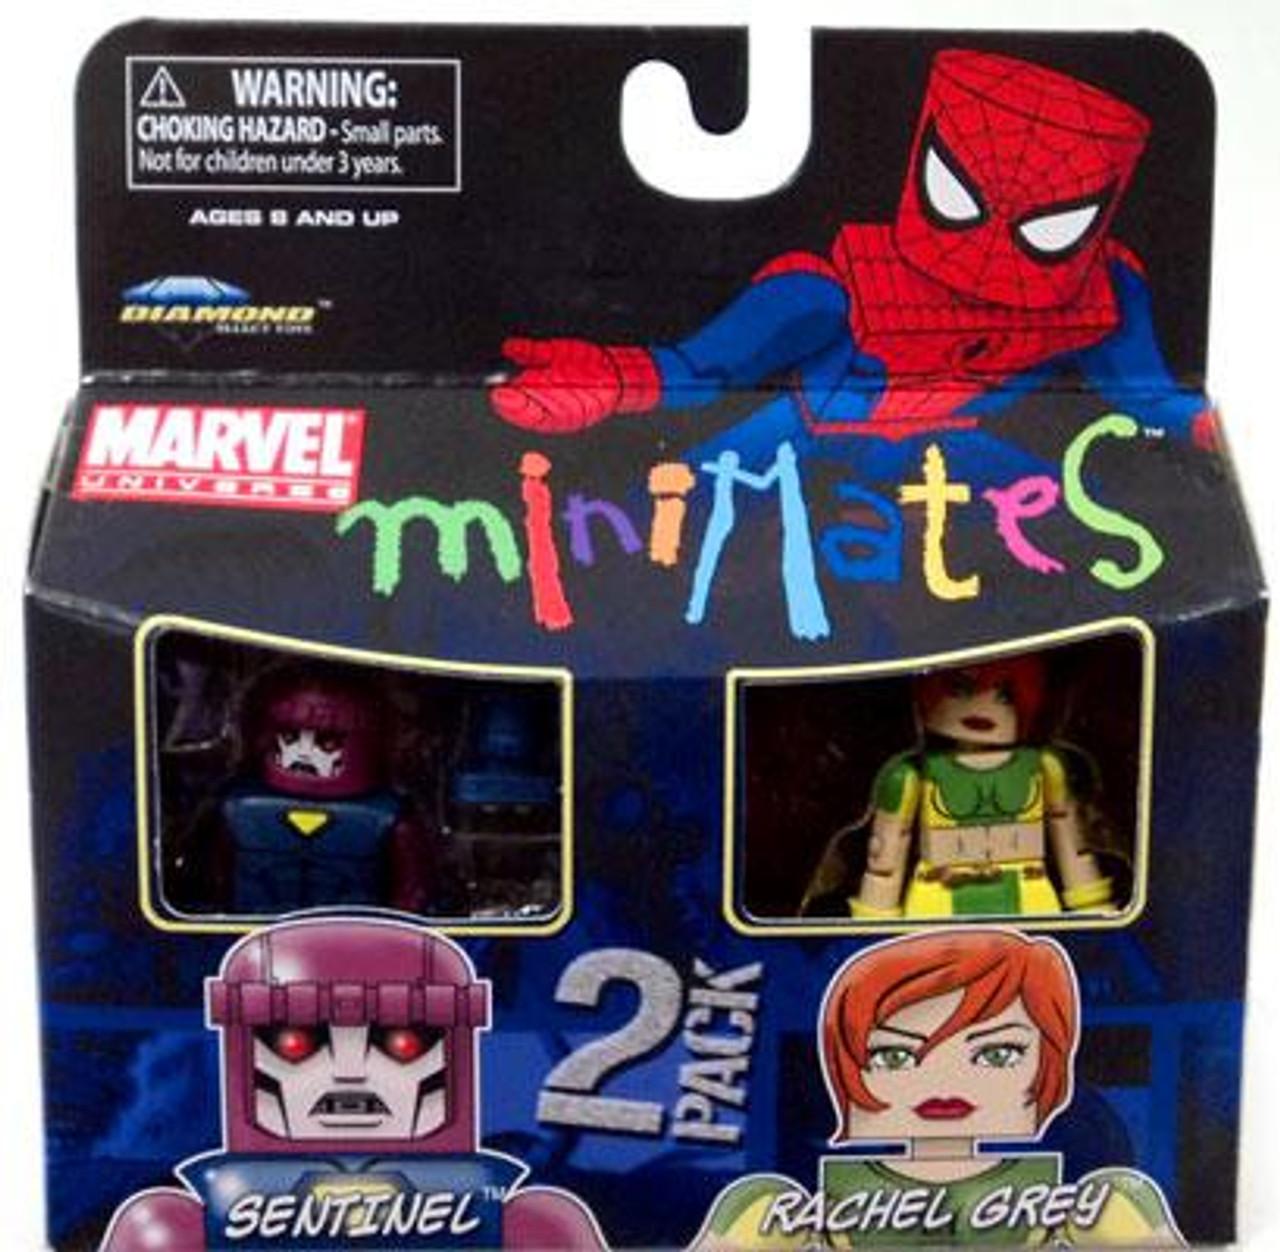 Marvel Universe Minimates Series 33 Sentinel & Rachel Gray [Marvel Girl] Minifigure 2-Pack